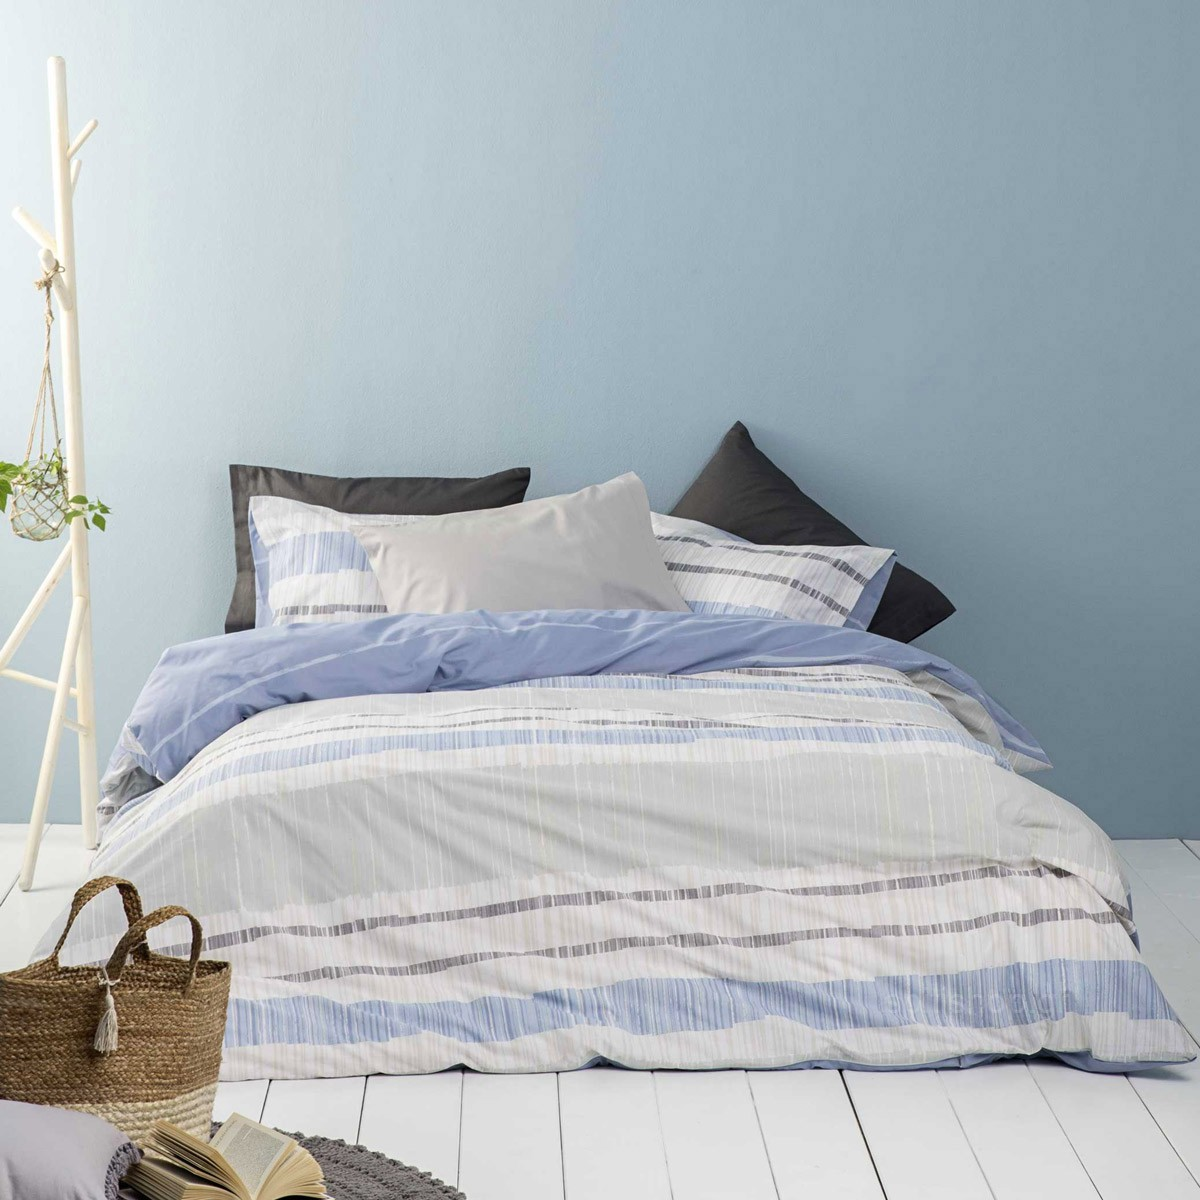 Σεντόνια Υπέρδιπλα (Σετ) Nima Bed Linen Rules Blue ΜΕ ΛΑΣΤΙΧΟ ΜΕ ΛΑΣΤΙΧΟ